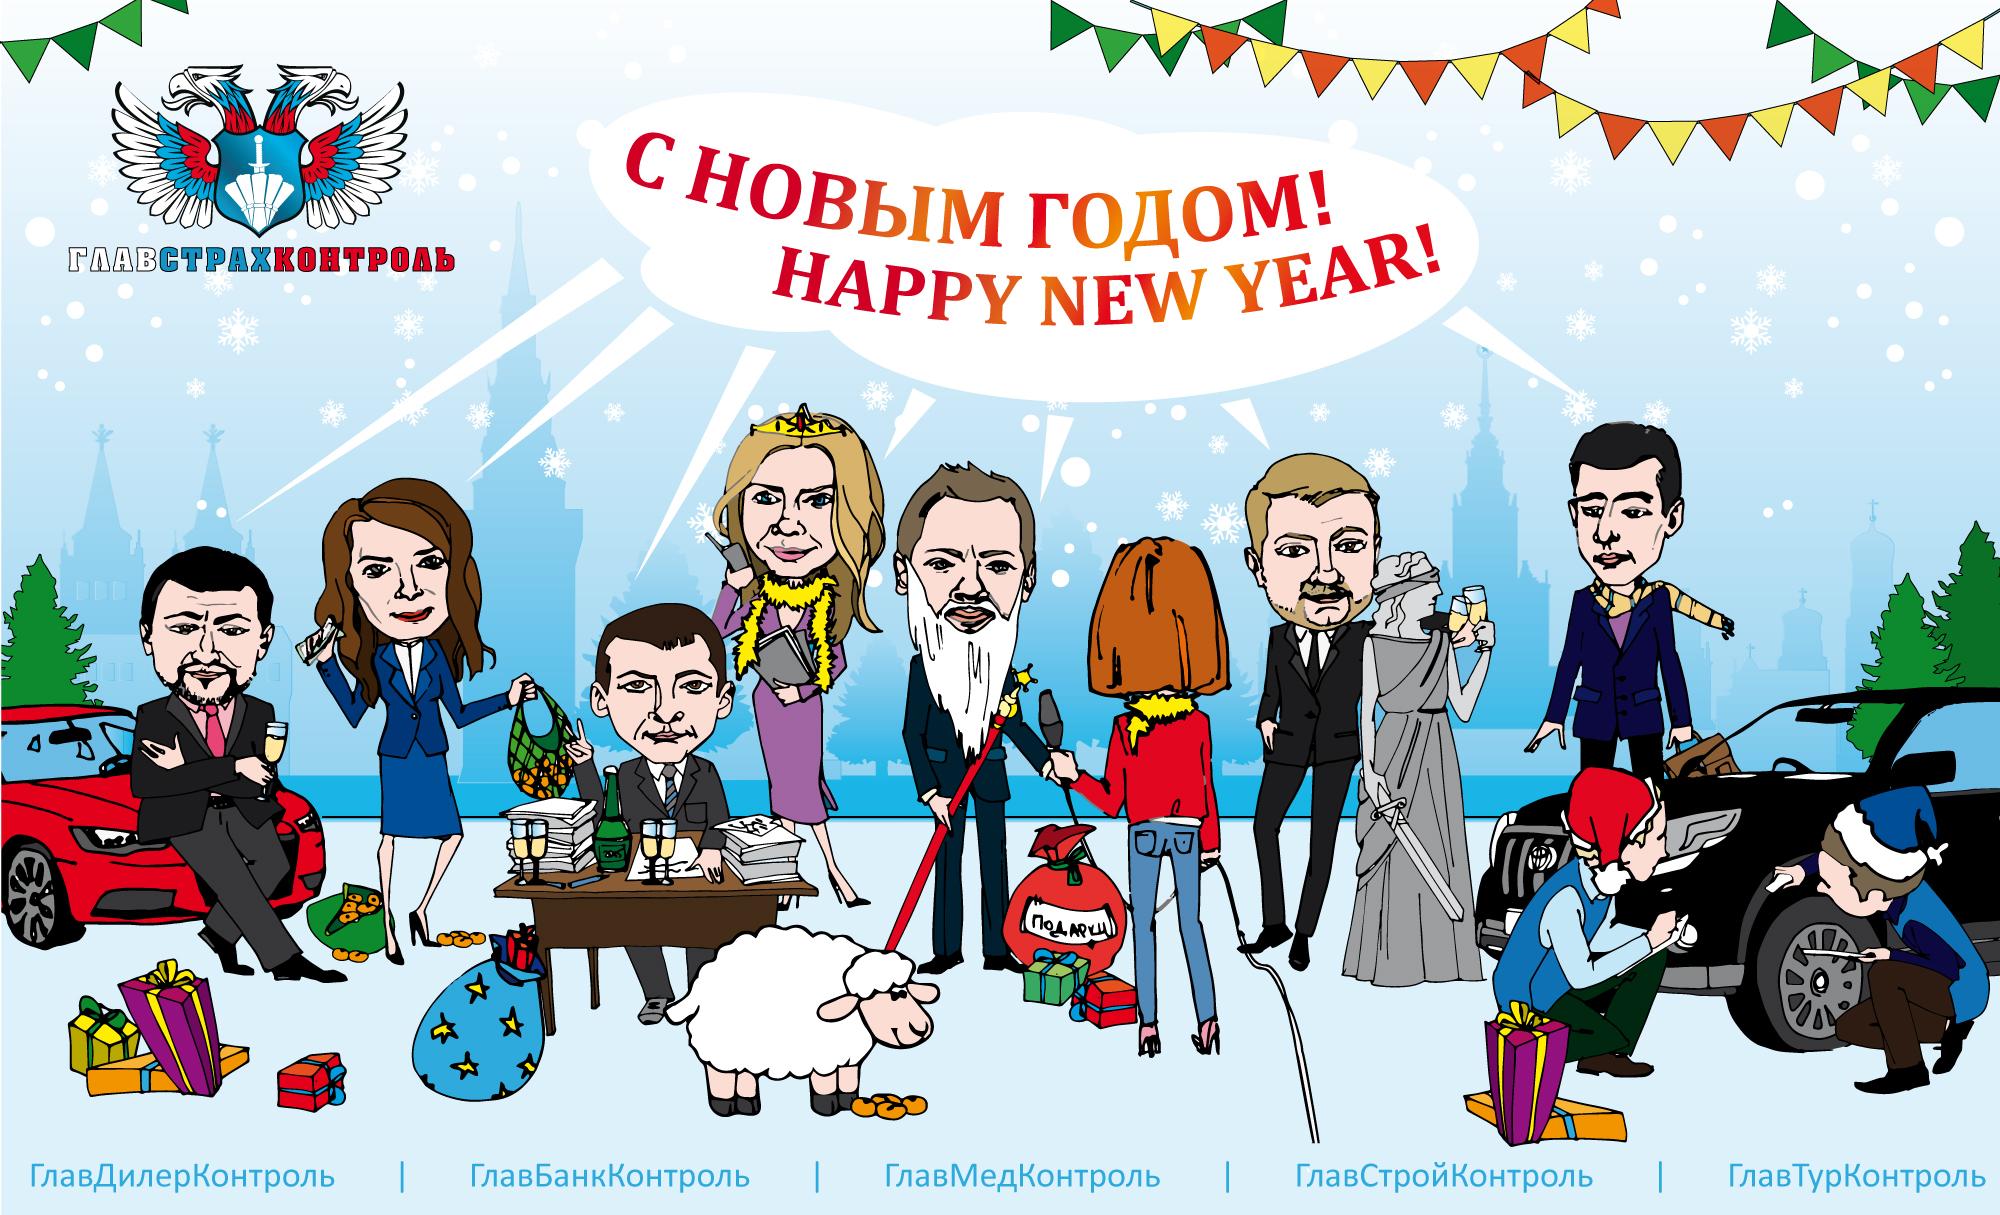 ГлавСтрахКонтроль_с Новым годом!!!